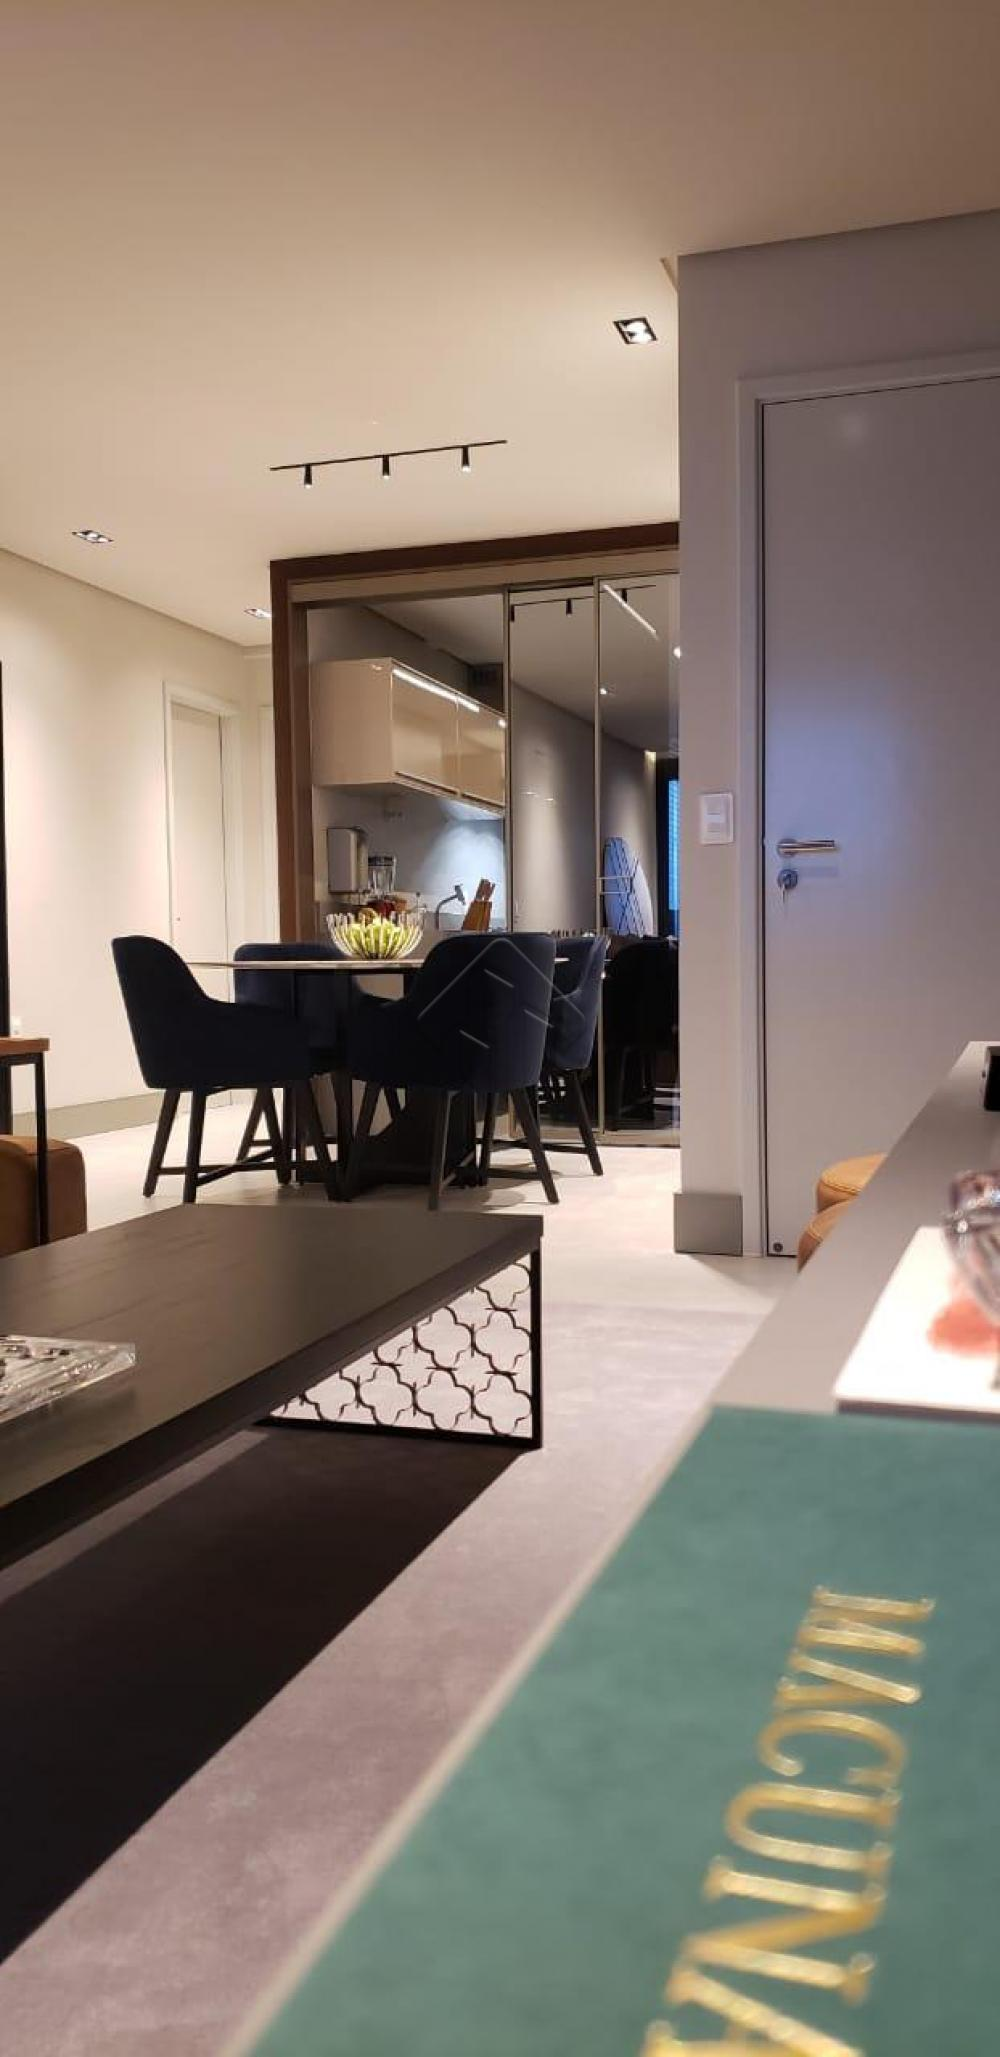 Comprar Apartamento / Padrão em João Pessoa apenas R$ 880.000,00 - Foto 65